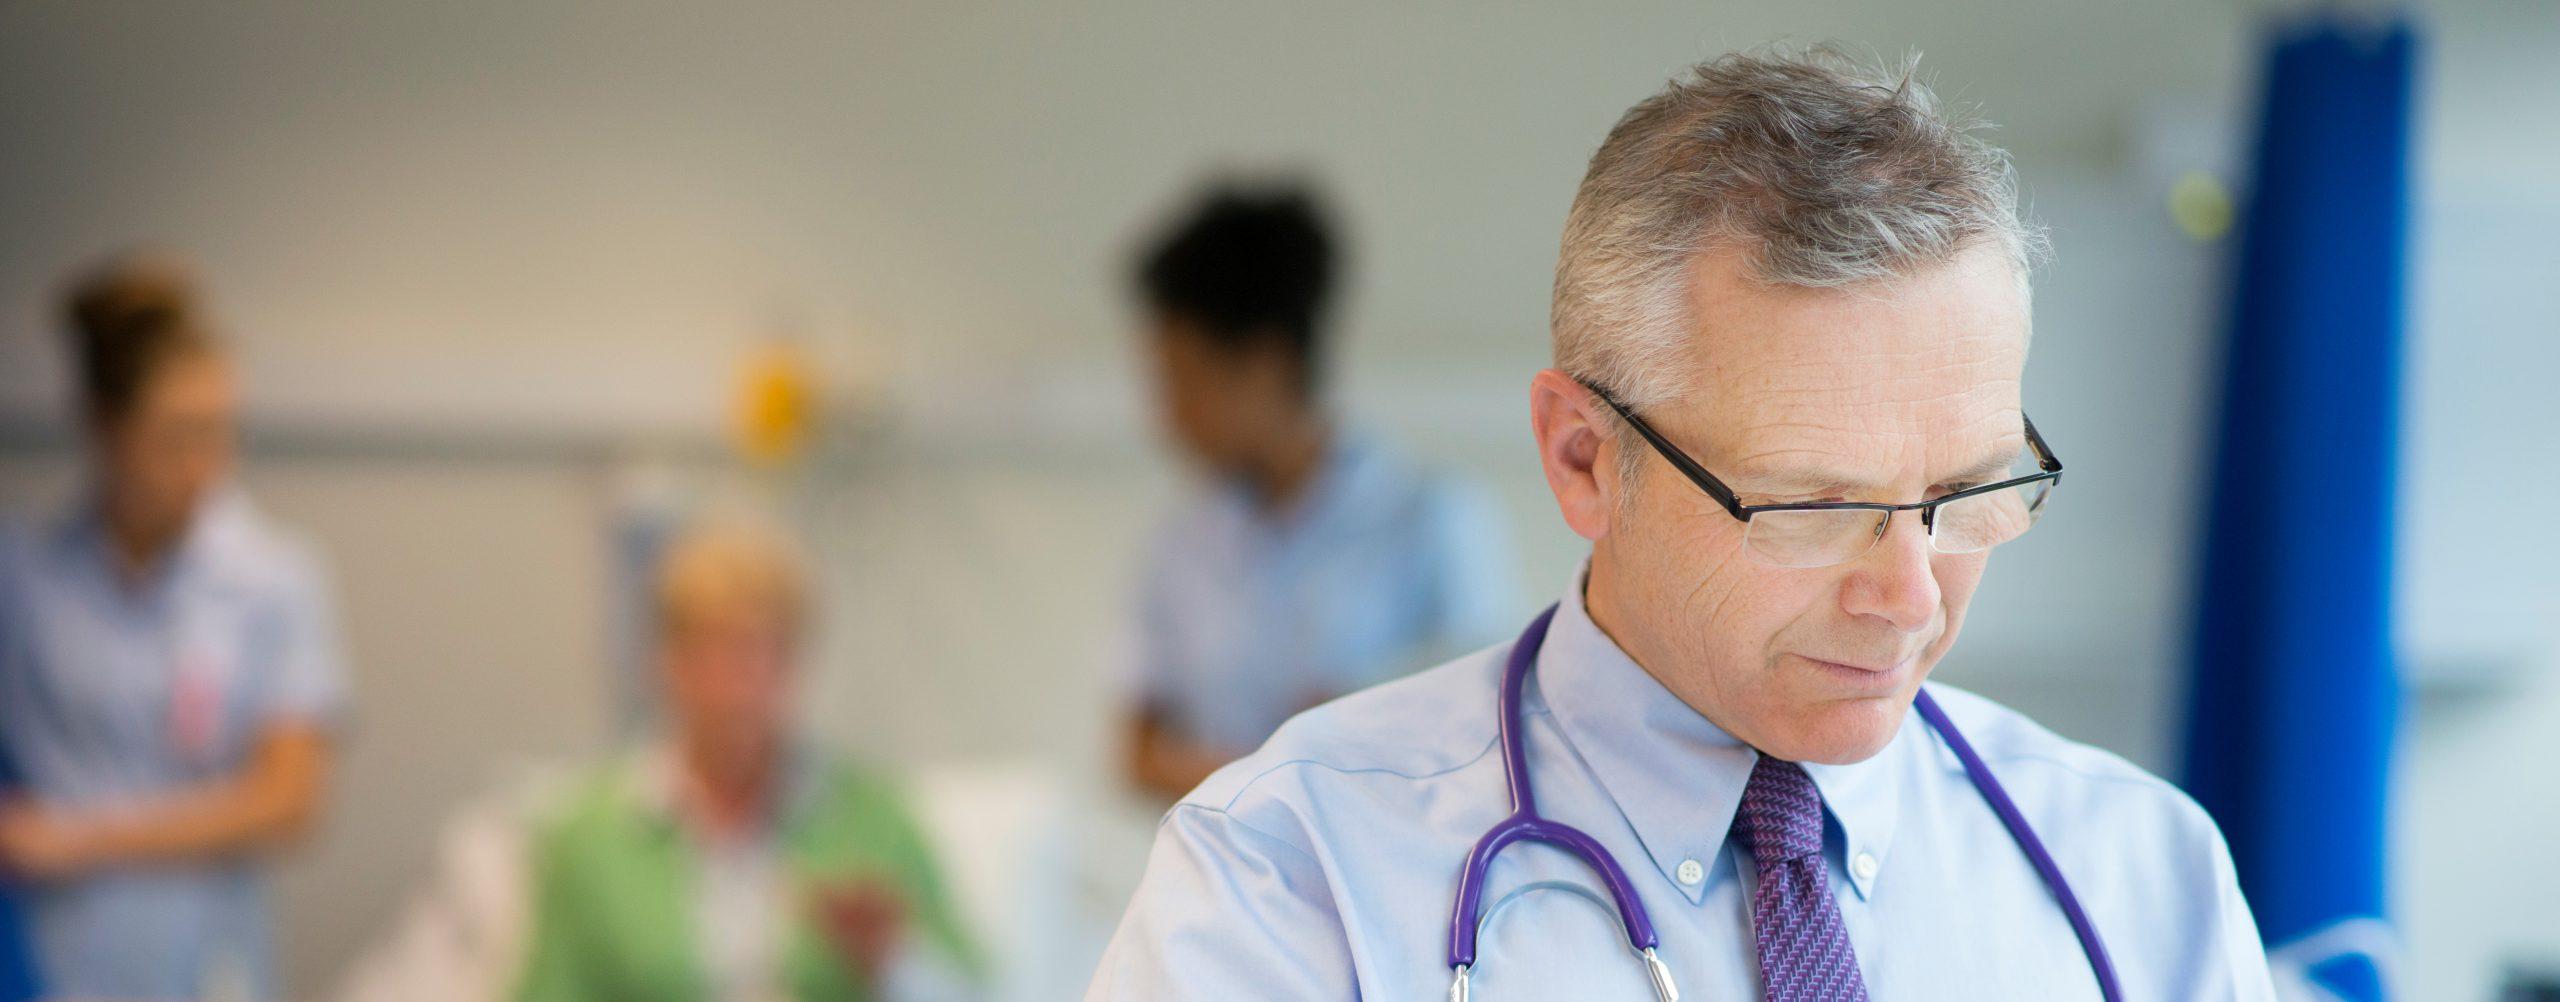 Agile Führung – das Gesundheitswesen im Wandel